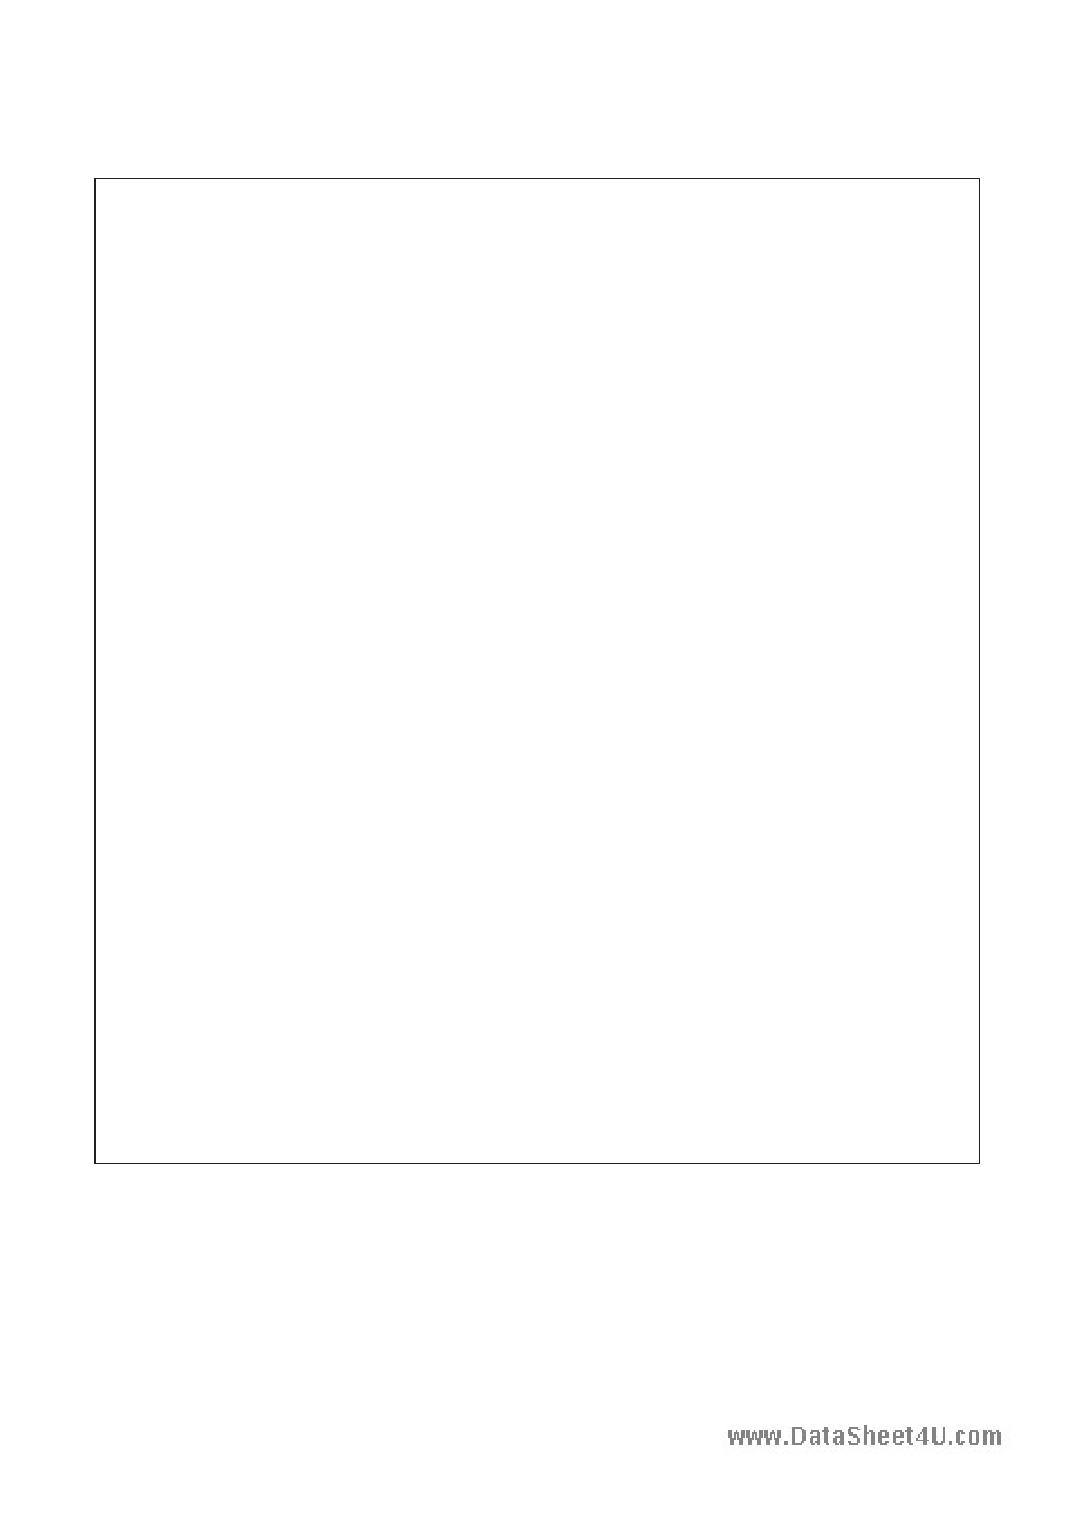 C5121 pdf, ピン配列